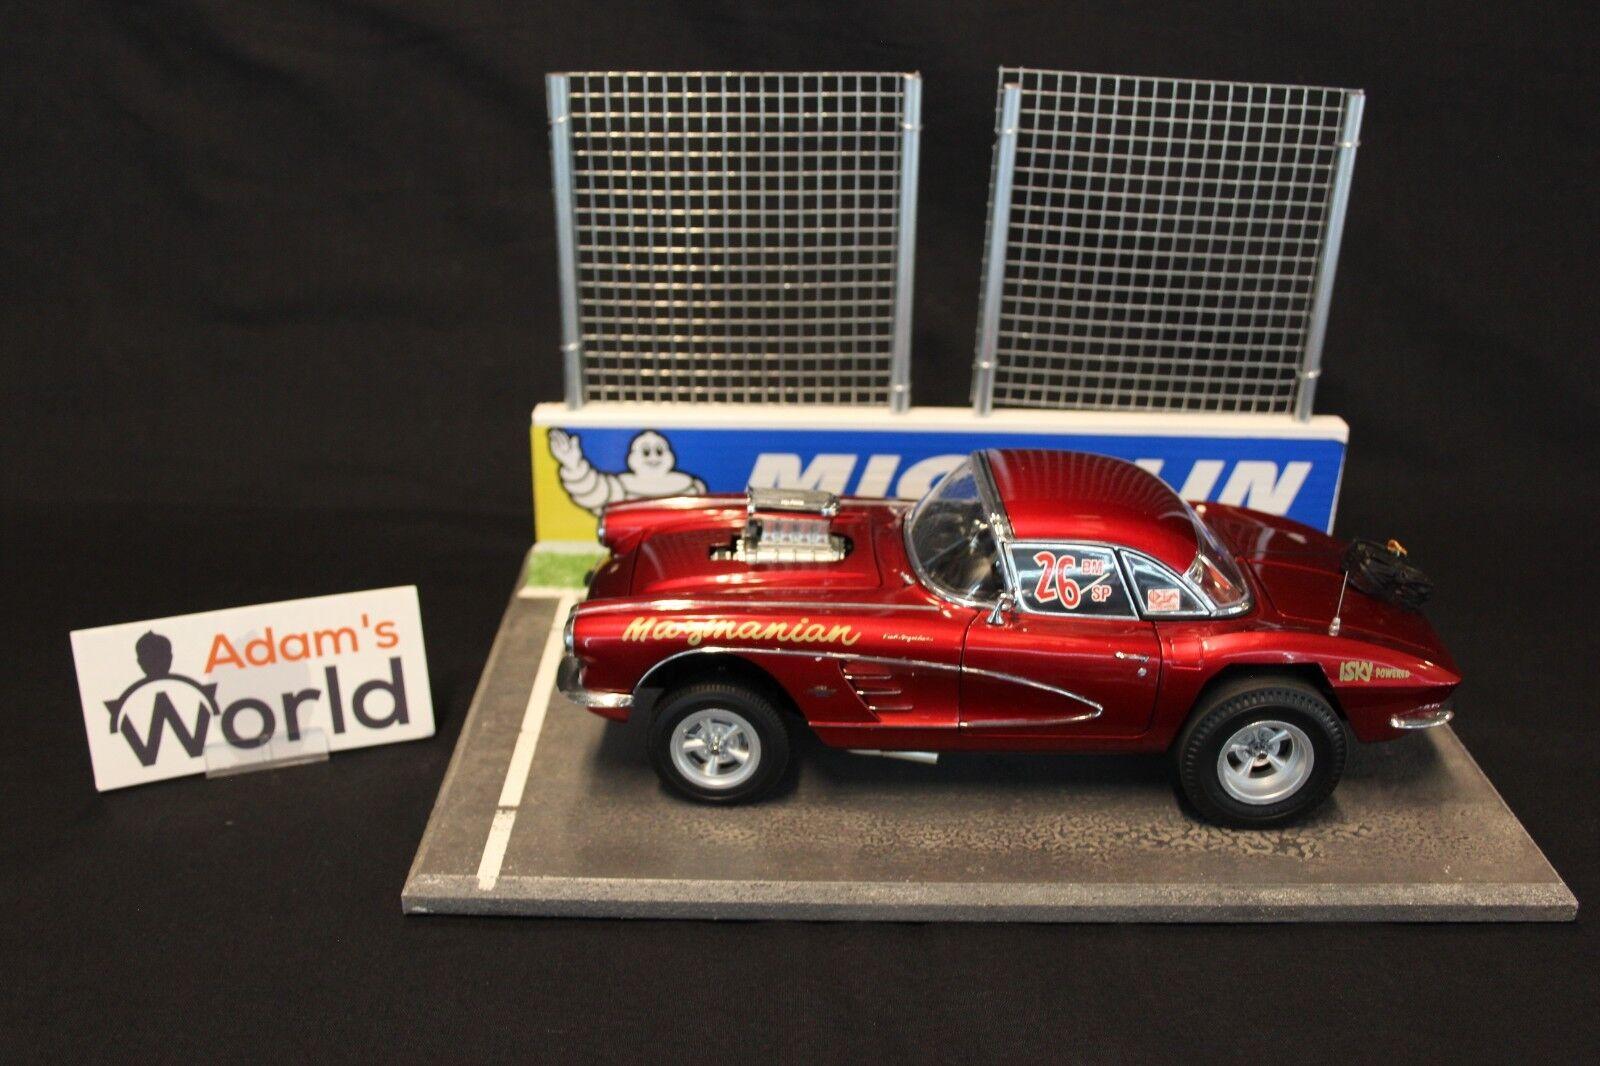 1961 präzision modell chevrolet corvette gasser 1,18   26 john mazmanian (mcnb)